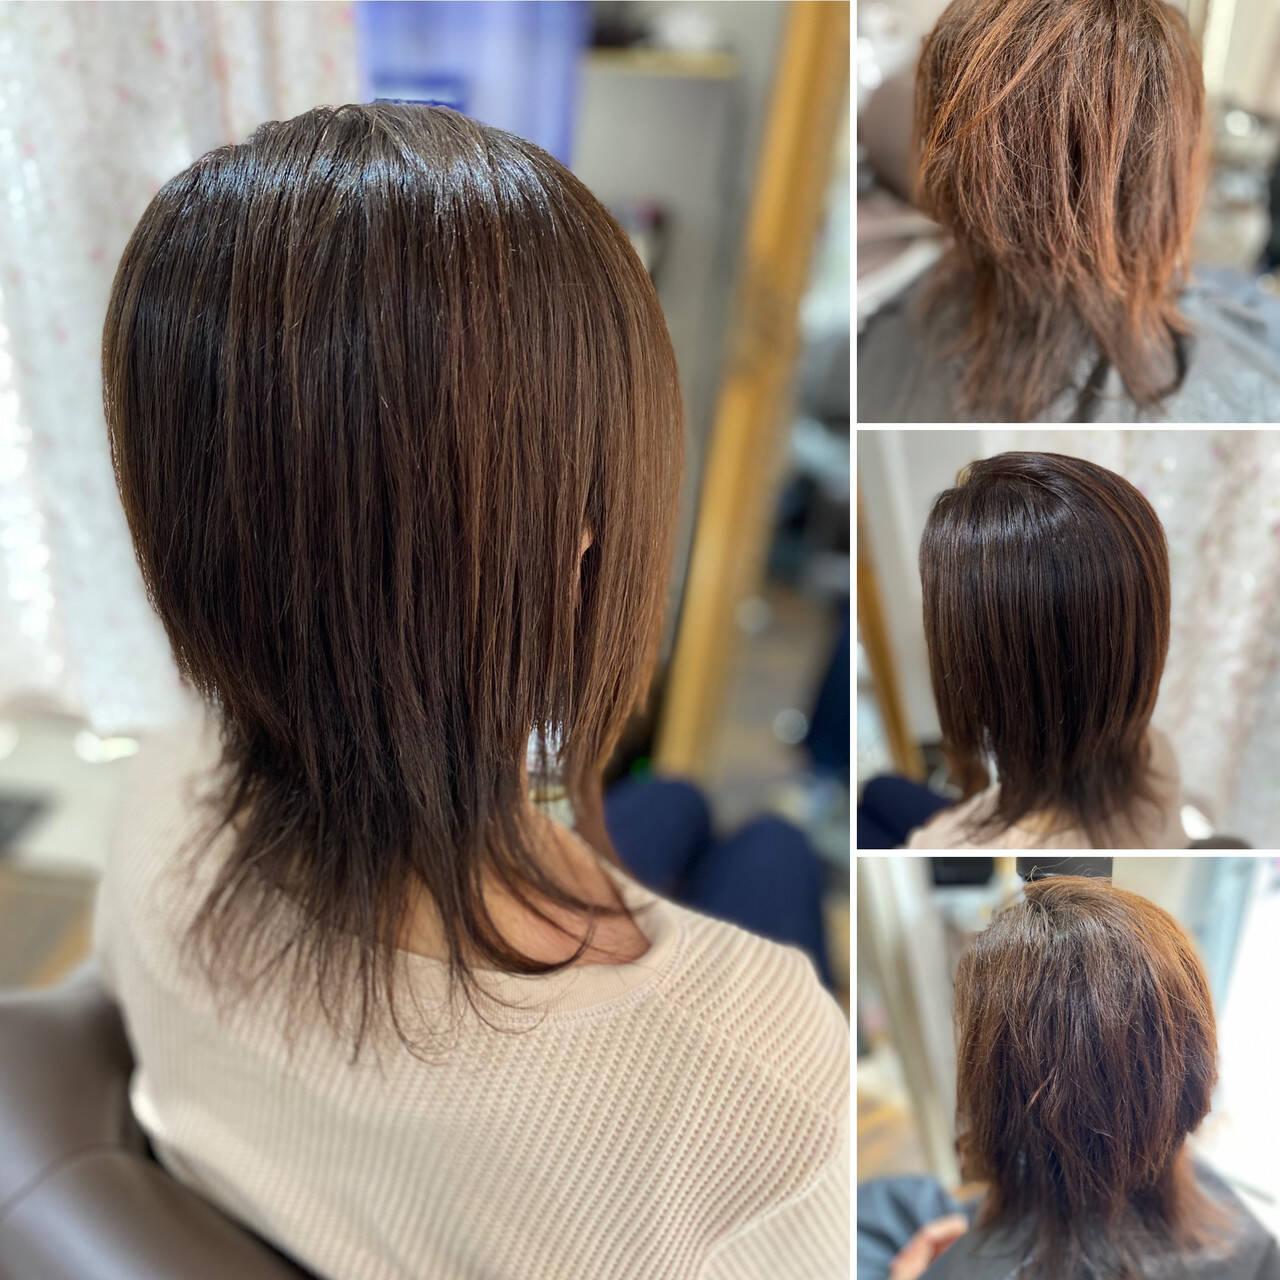 縮毛矯正 髪質改善 ミディアム 髪質改善カラーヘアスタイルや髪型の写真・画像